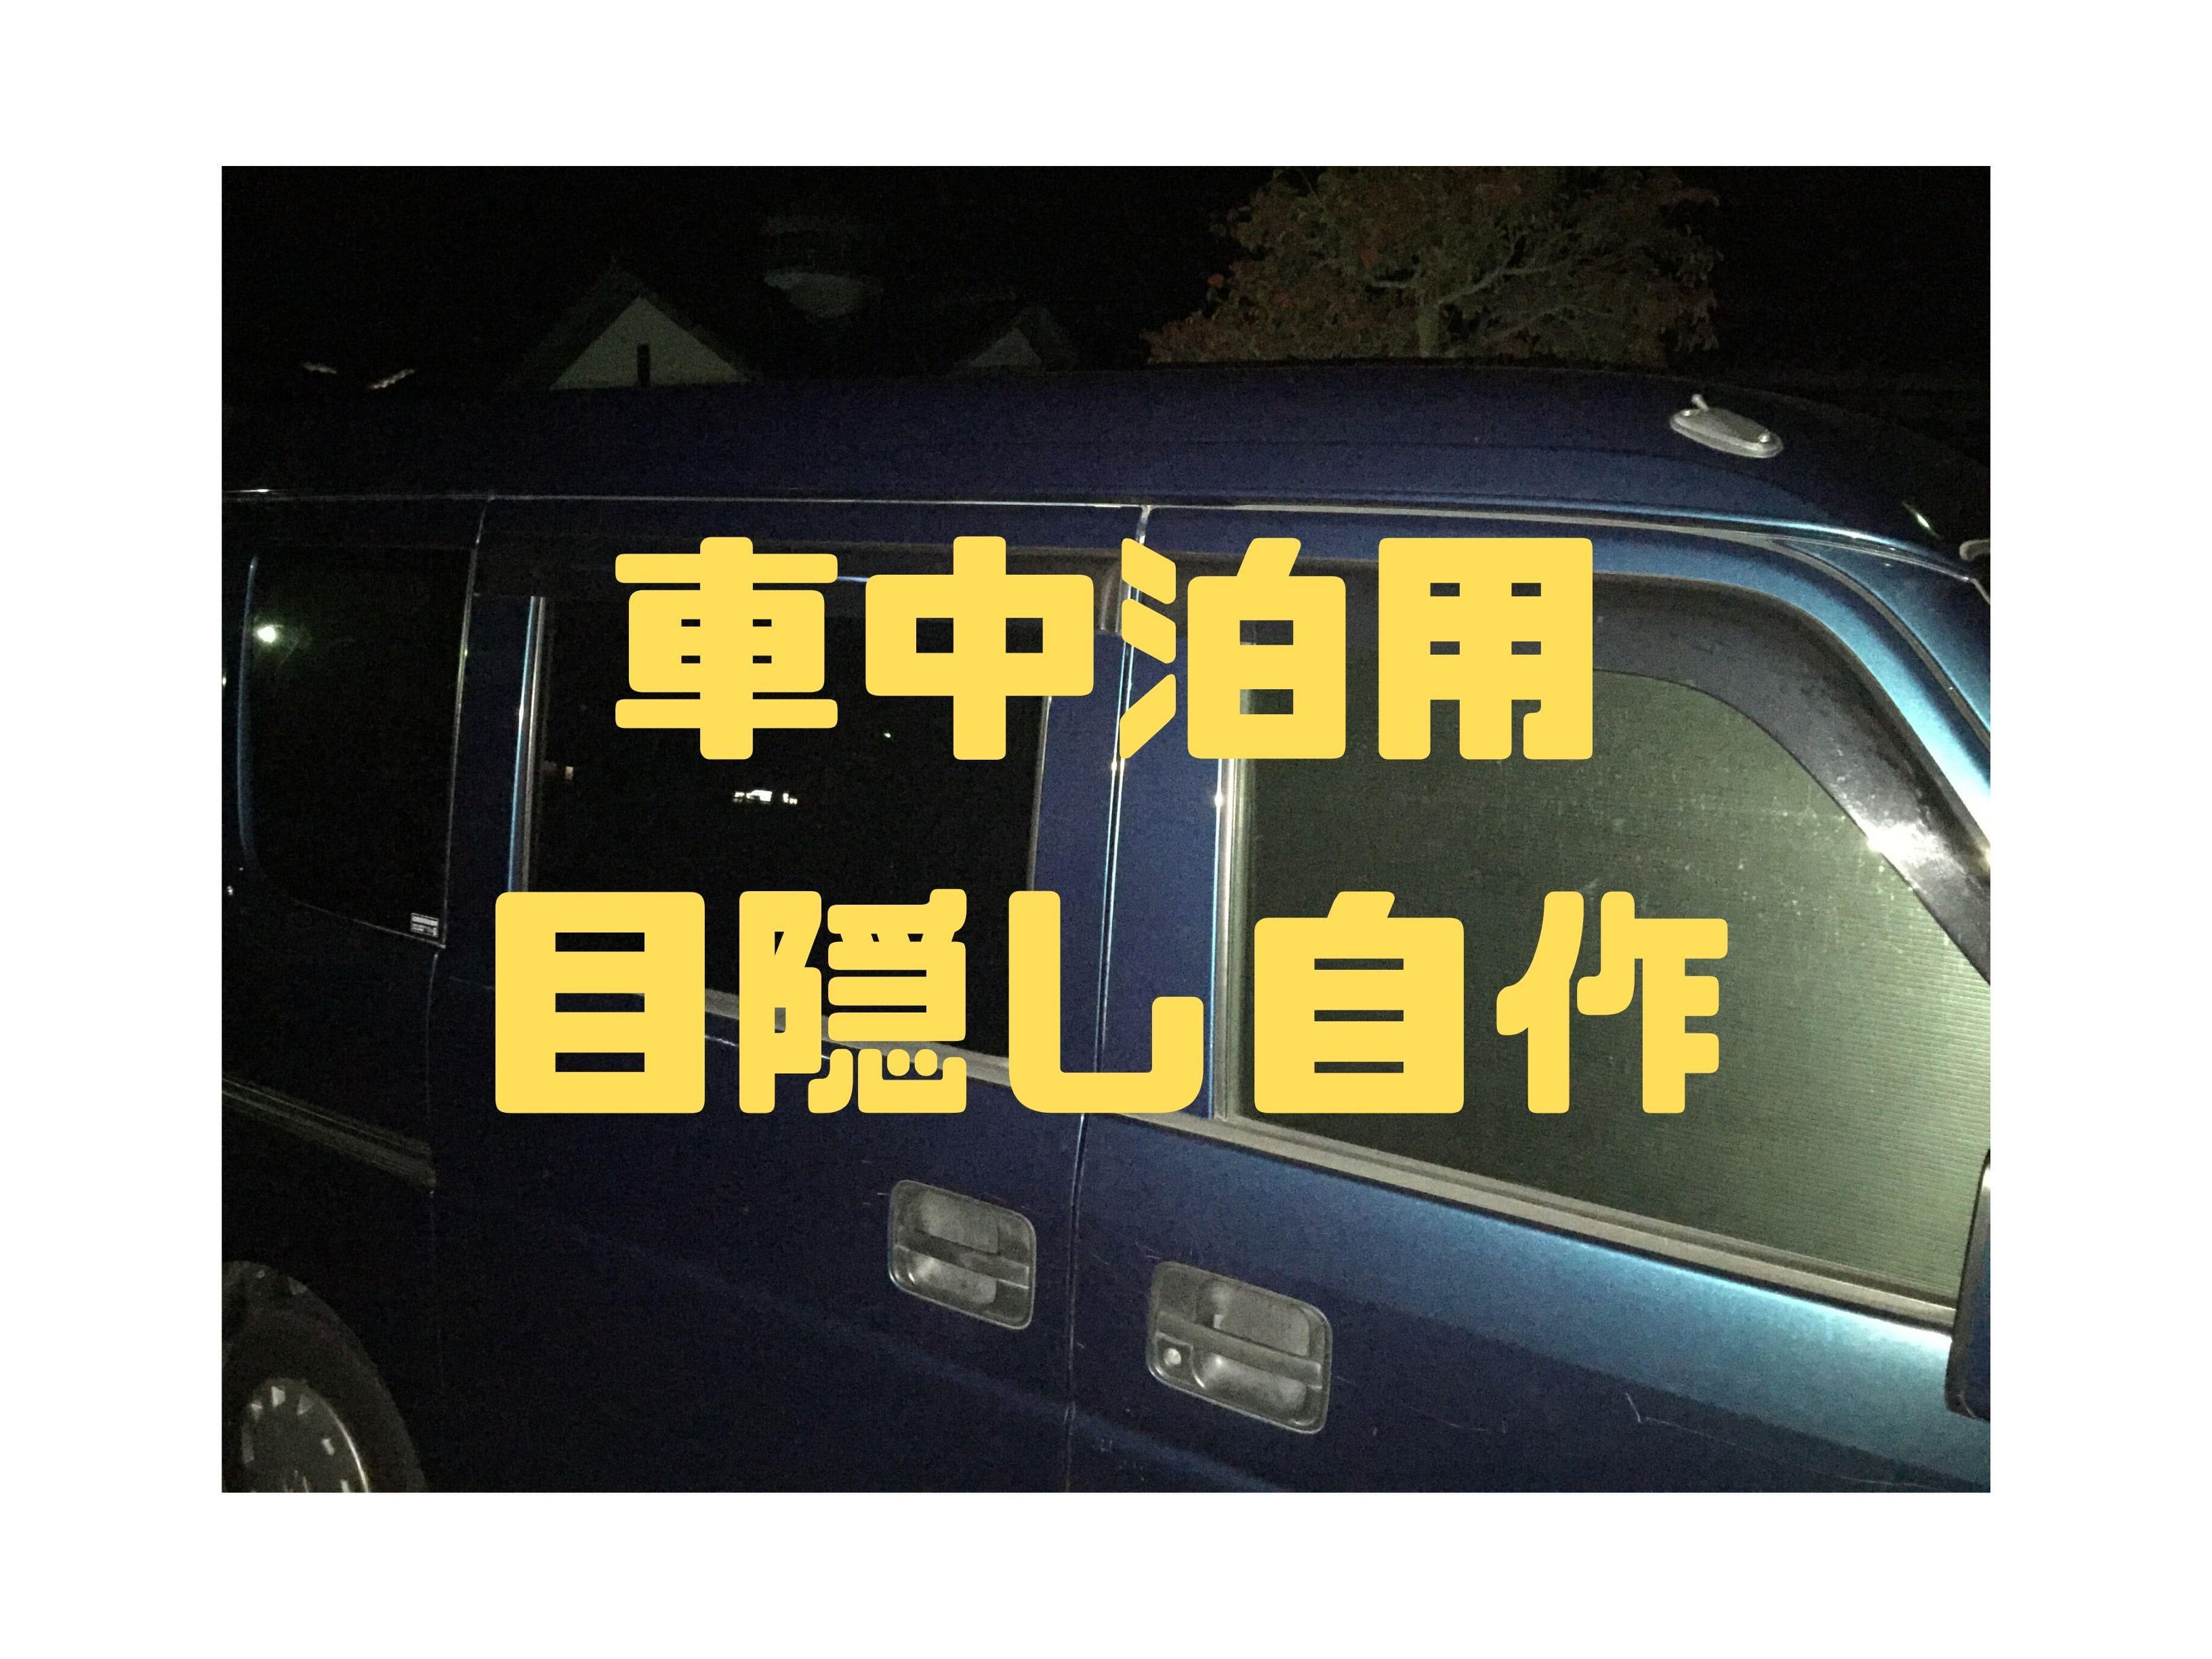 DA64V(エブリー)の車中泊用の目隠しを自作しました